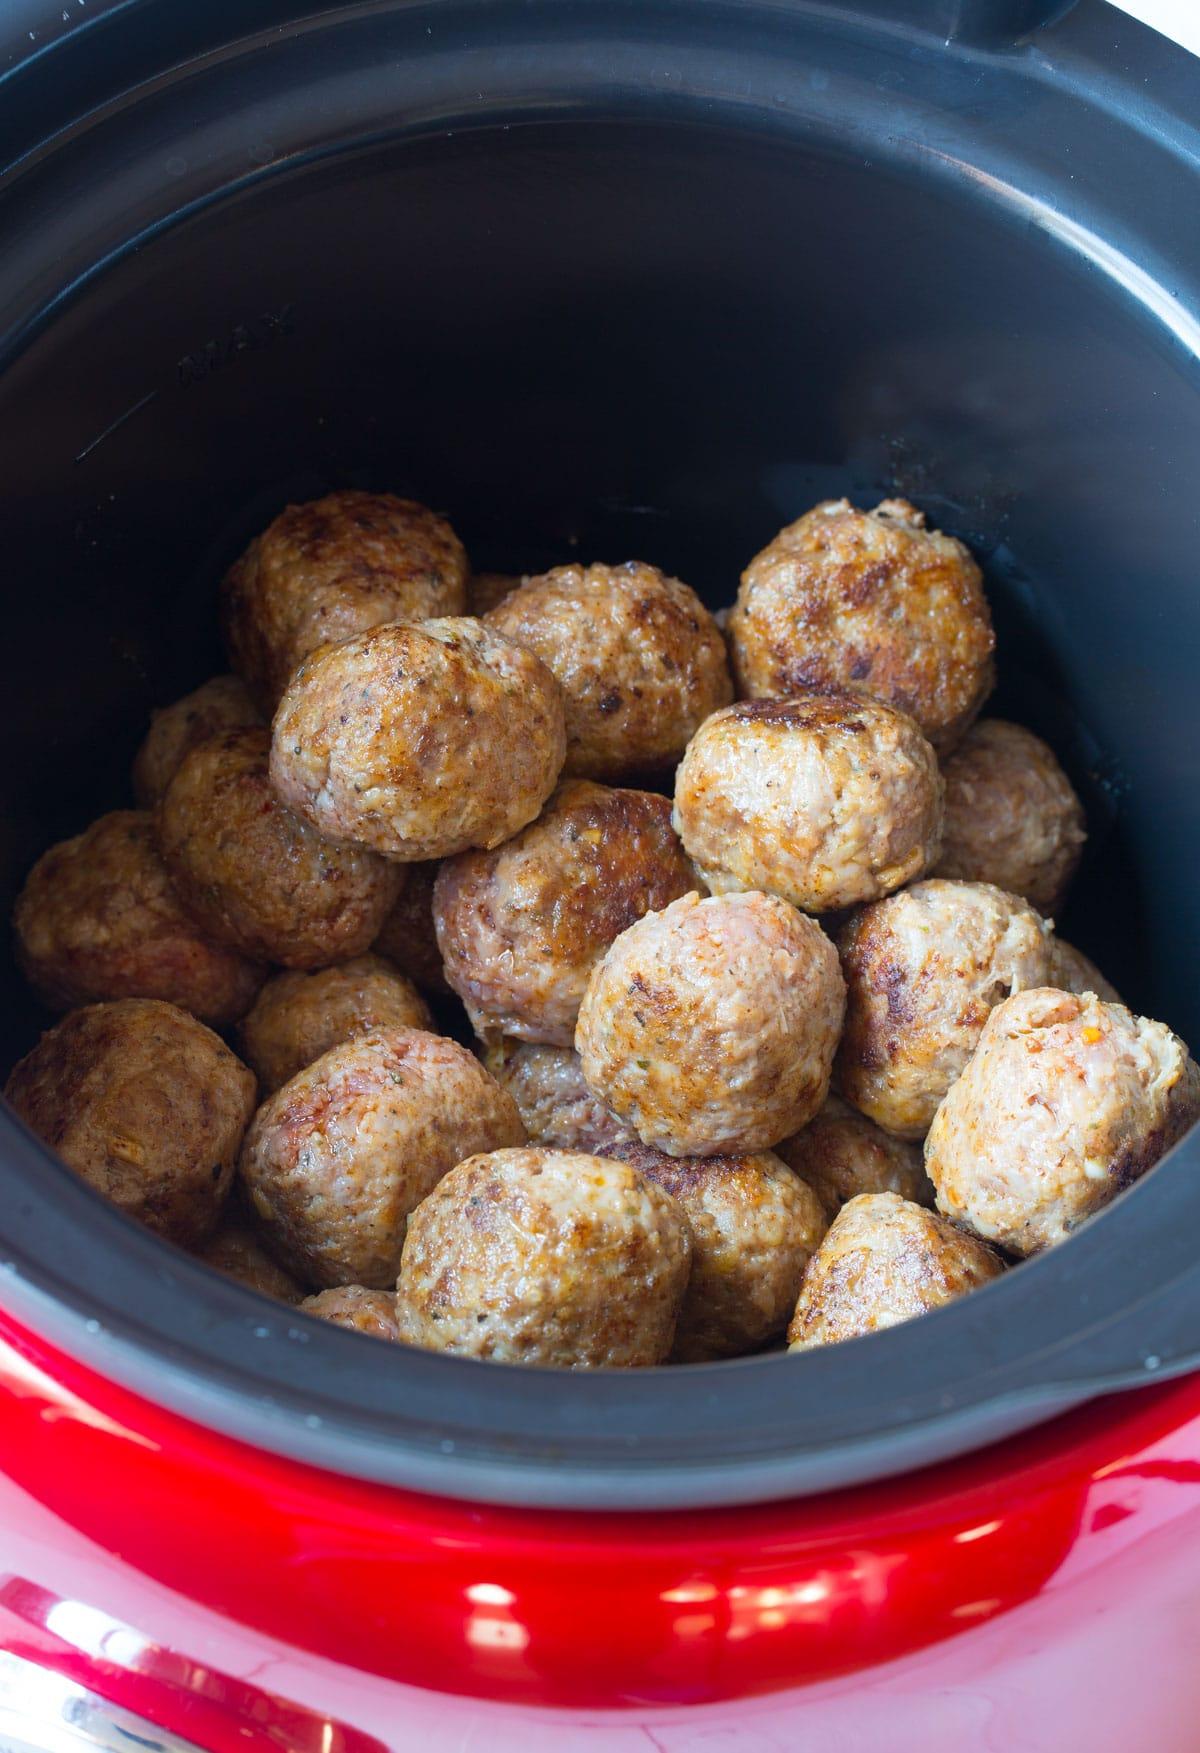 4-Ingredient Slow Cooker Cocktail Meatballs Recipe - (Crock Pot Meatballs) #ASpicyPerspective #meatballs #slowcooker #crockpot #meatballs